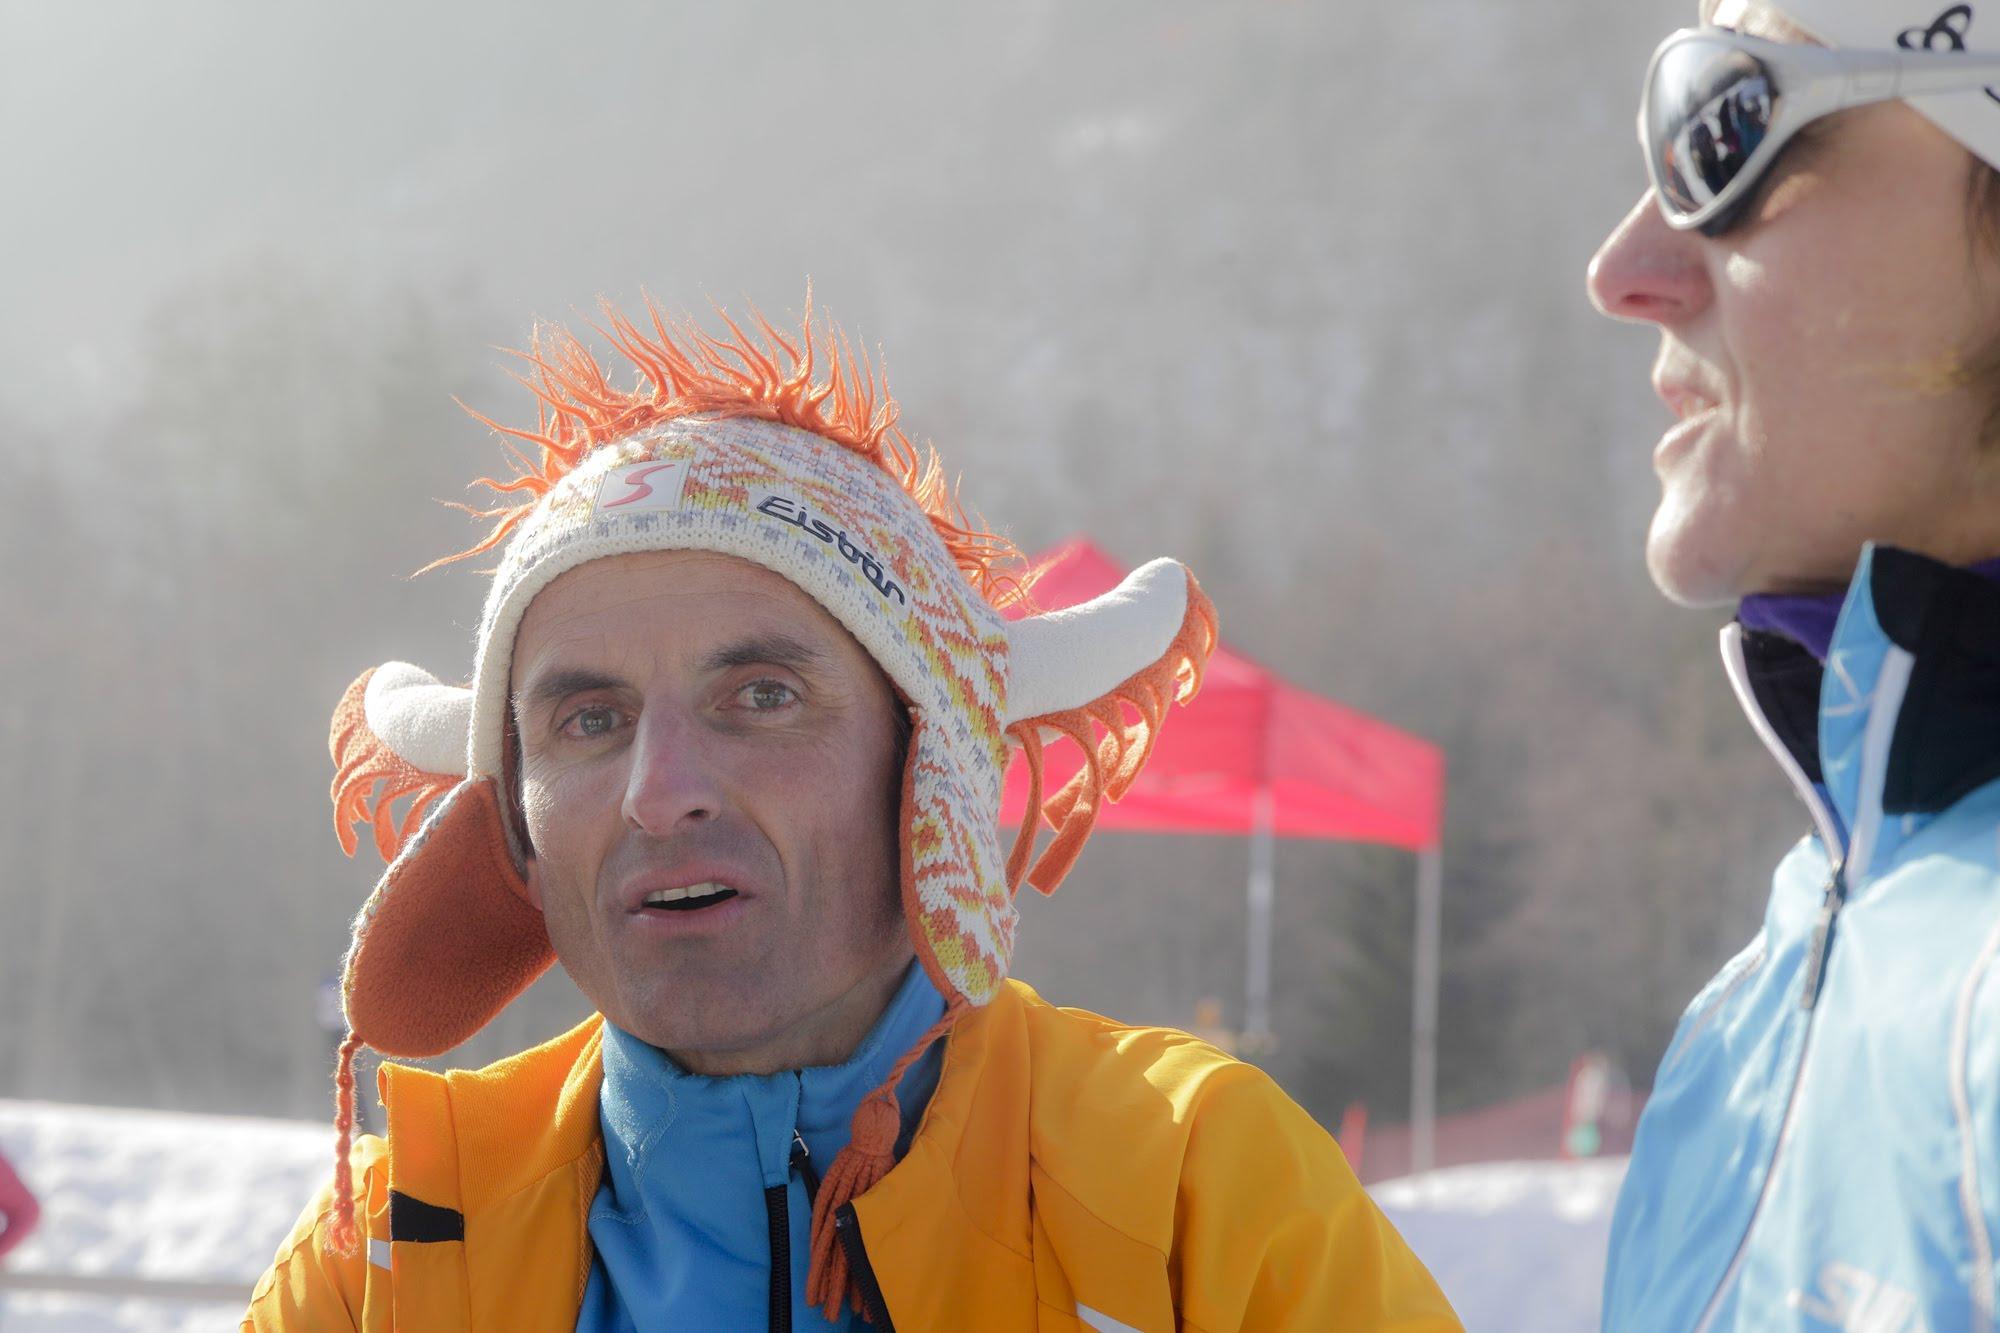 180224-BiathlonImpulse-Contamines-112